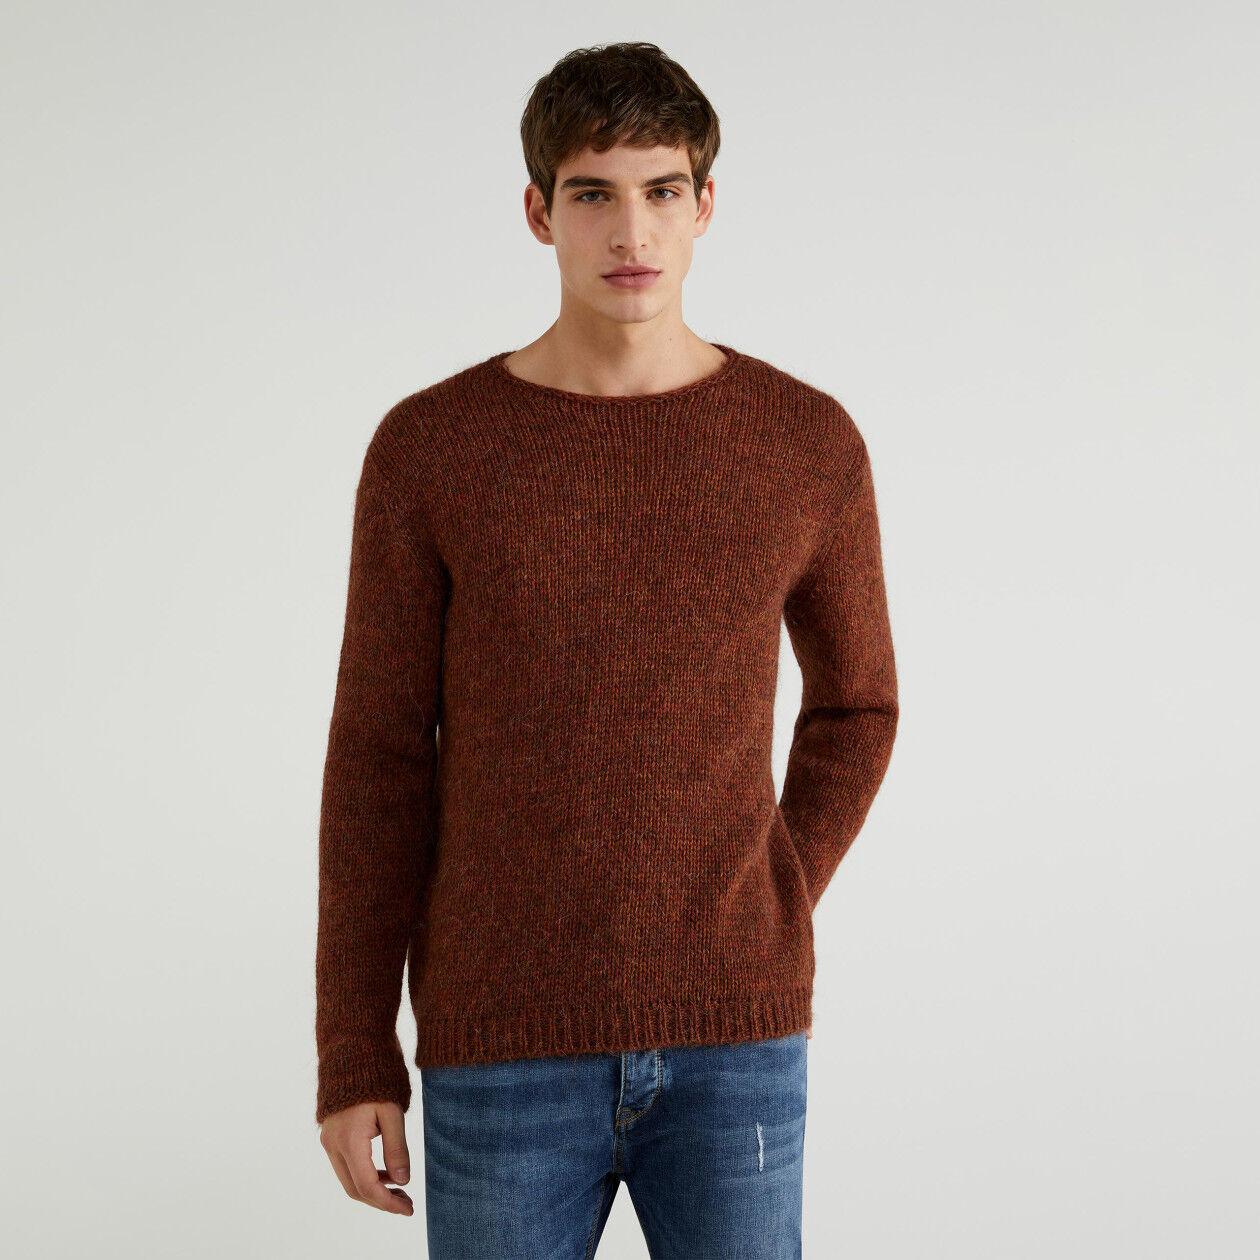 Jersey de cuello redondo de alpaca mixta